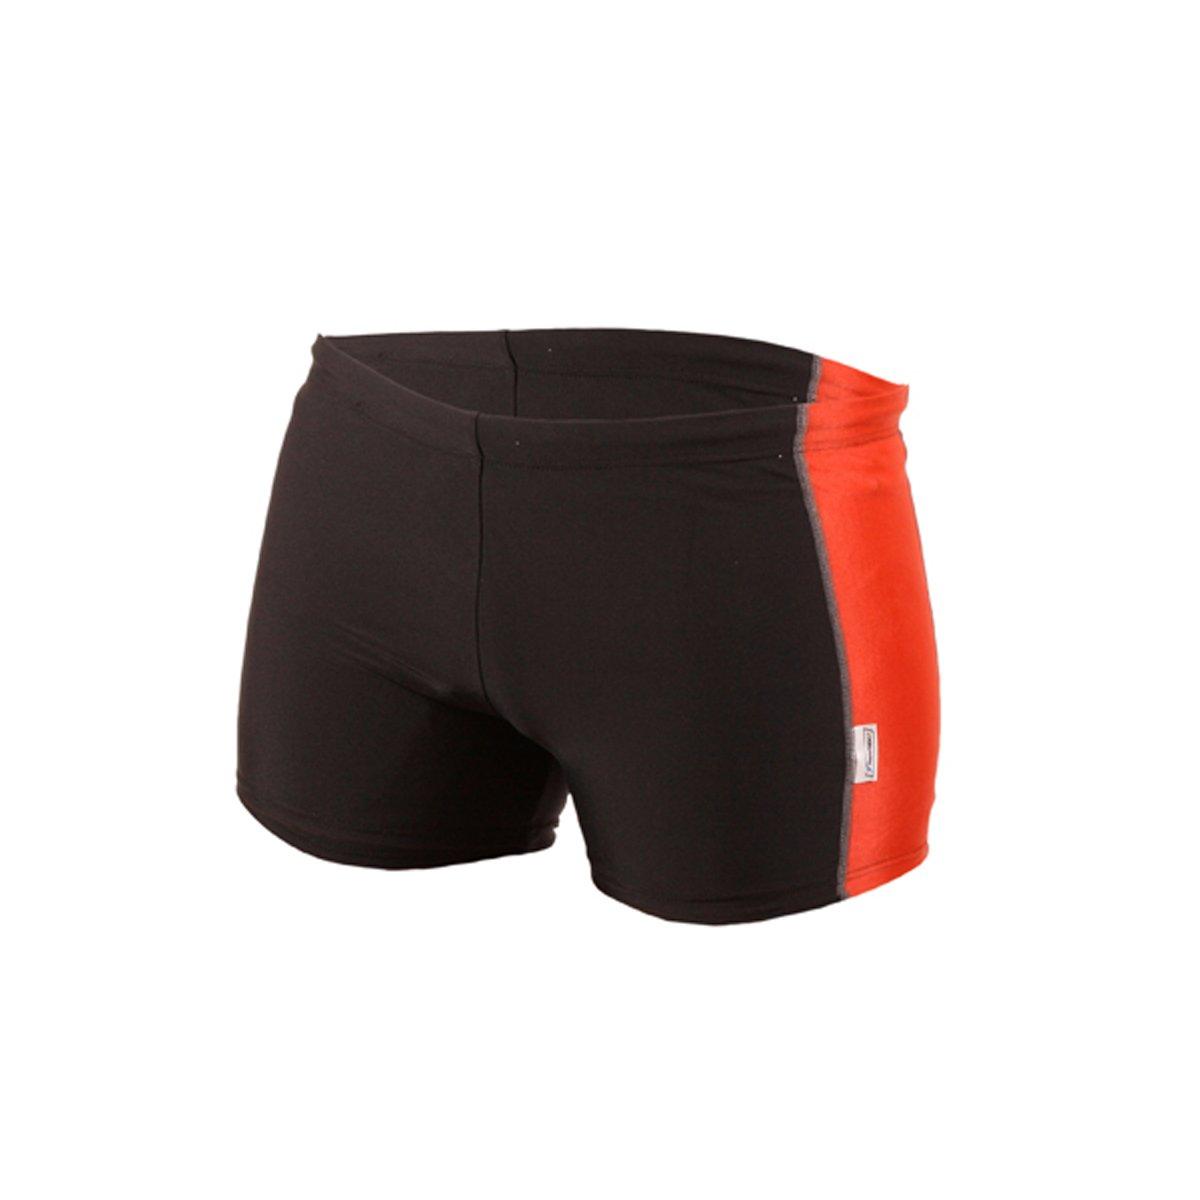 Stanteks Men's Swimming Trunks Black/Red Size: XXXL